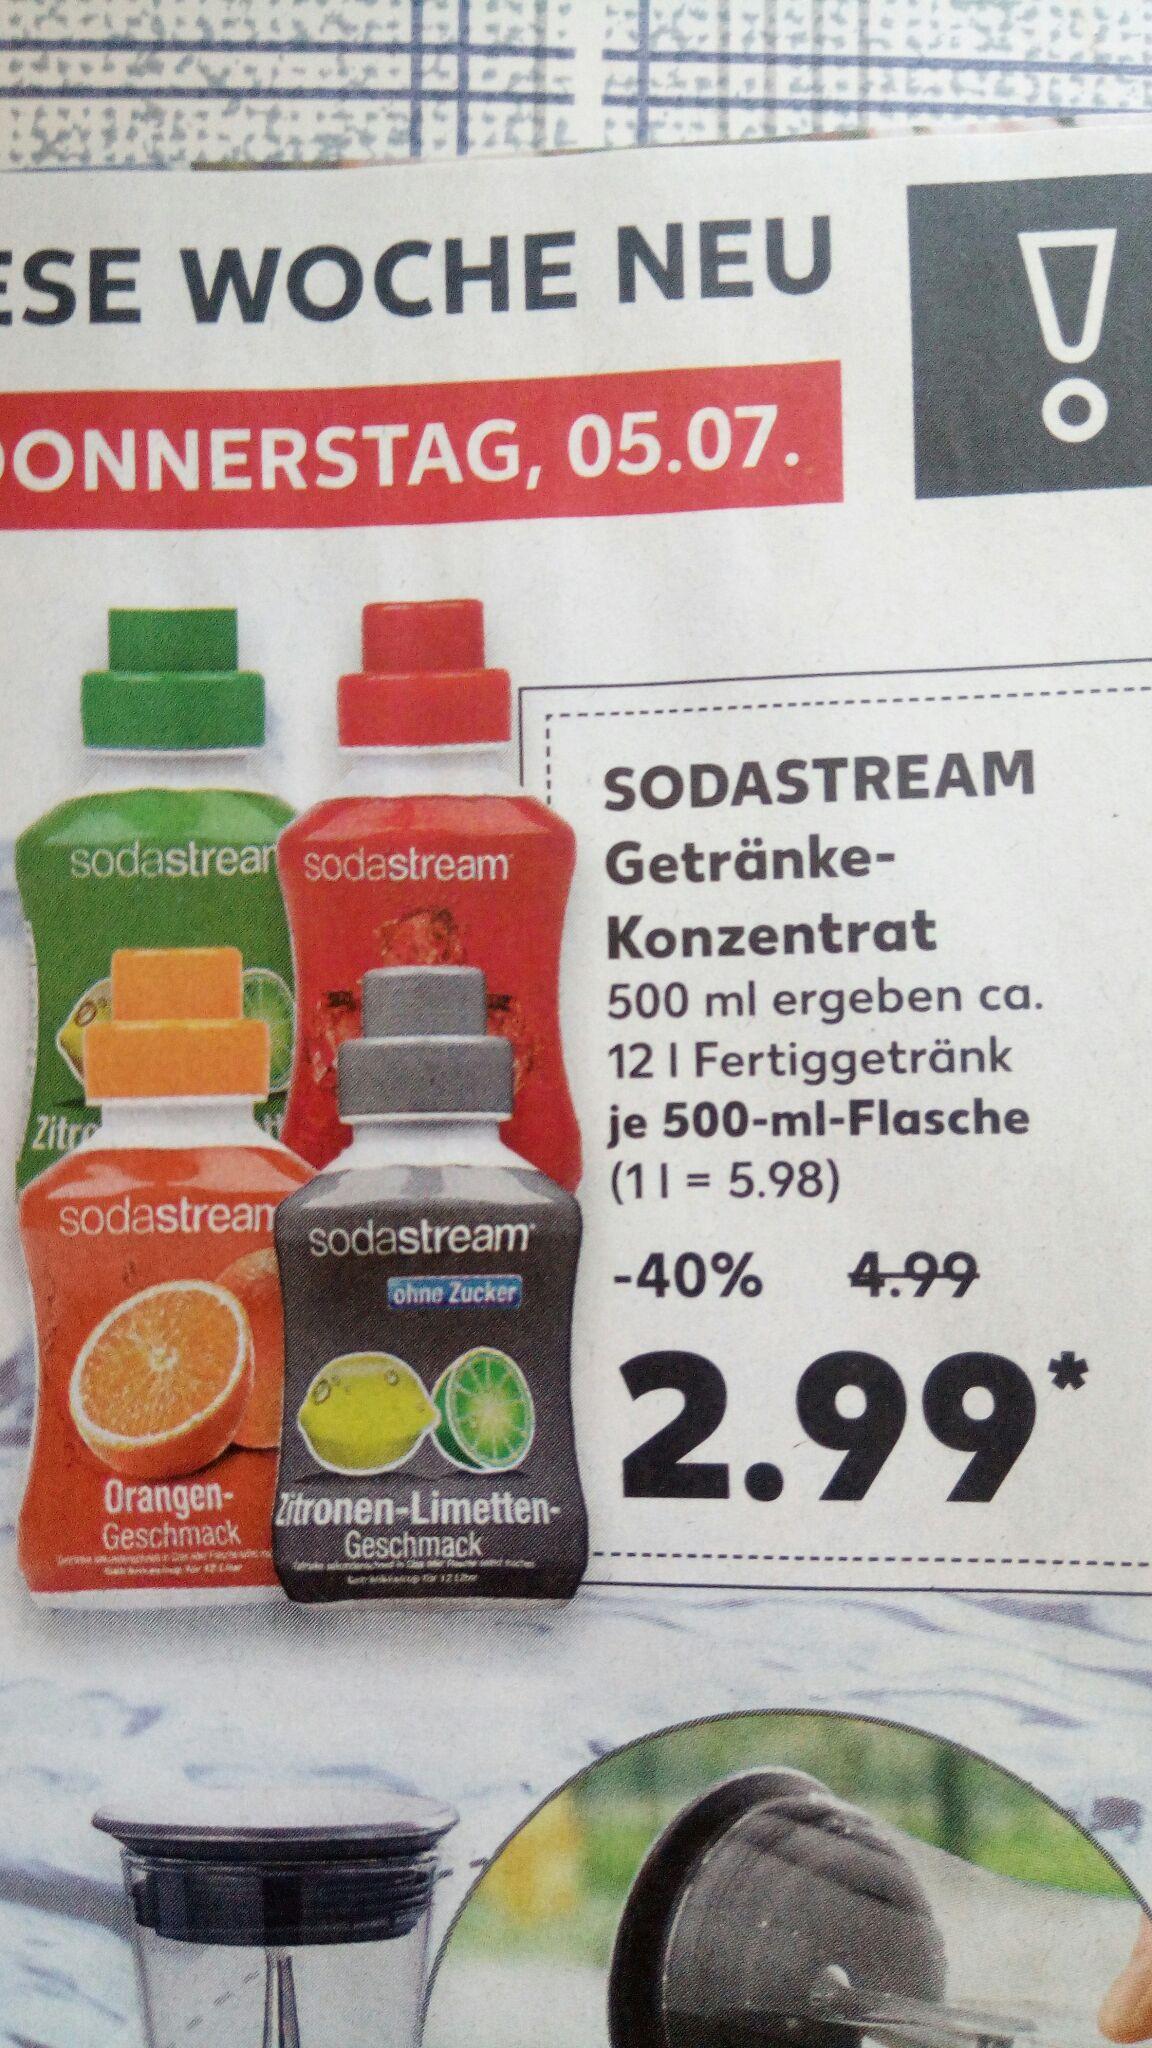 Soda Stream Getränke-Sirup (lokal Kaufland)